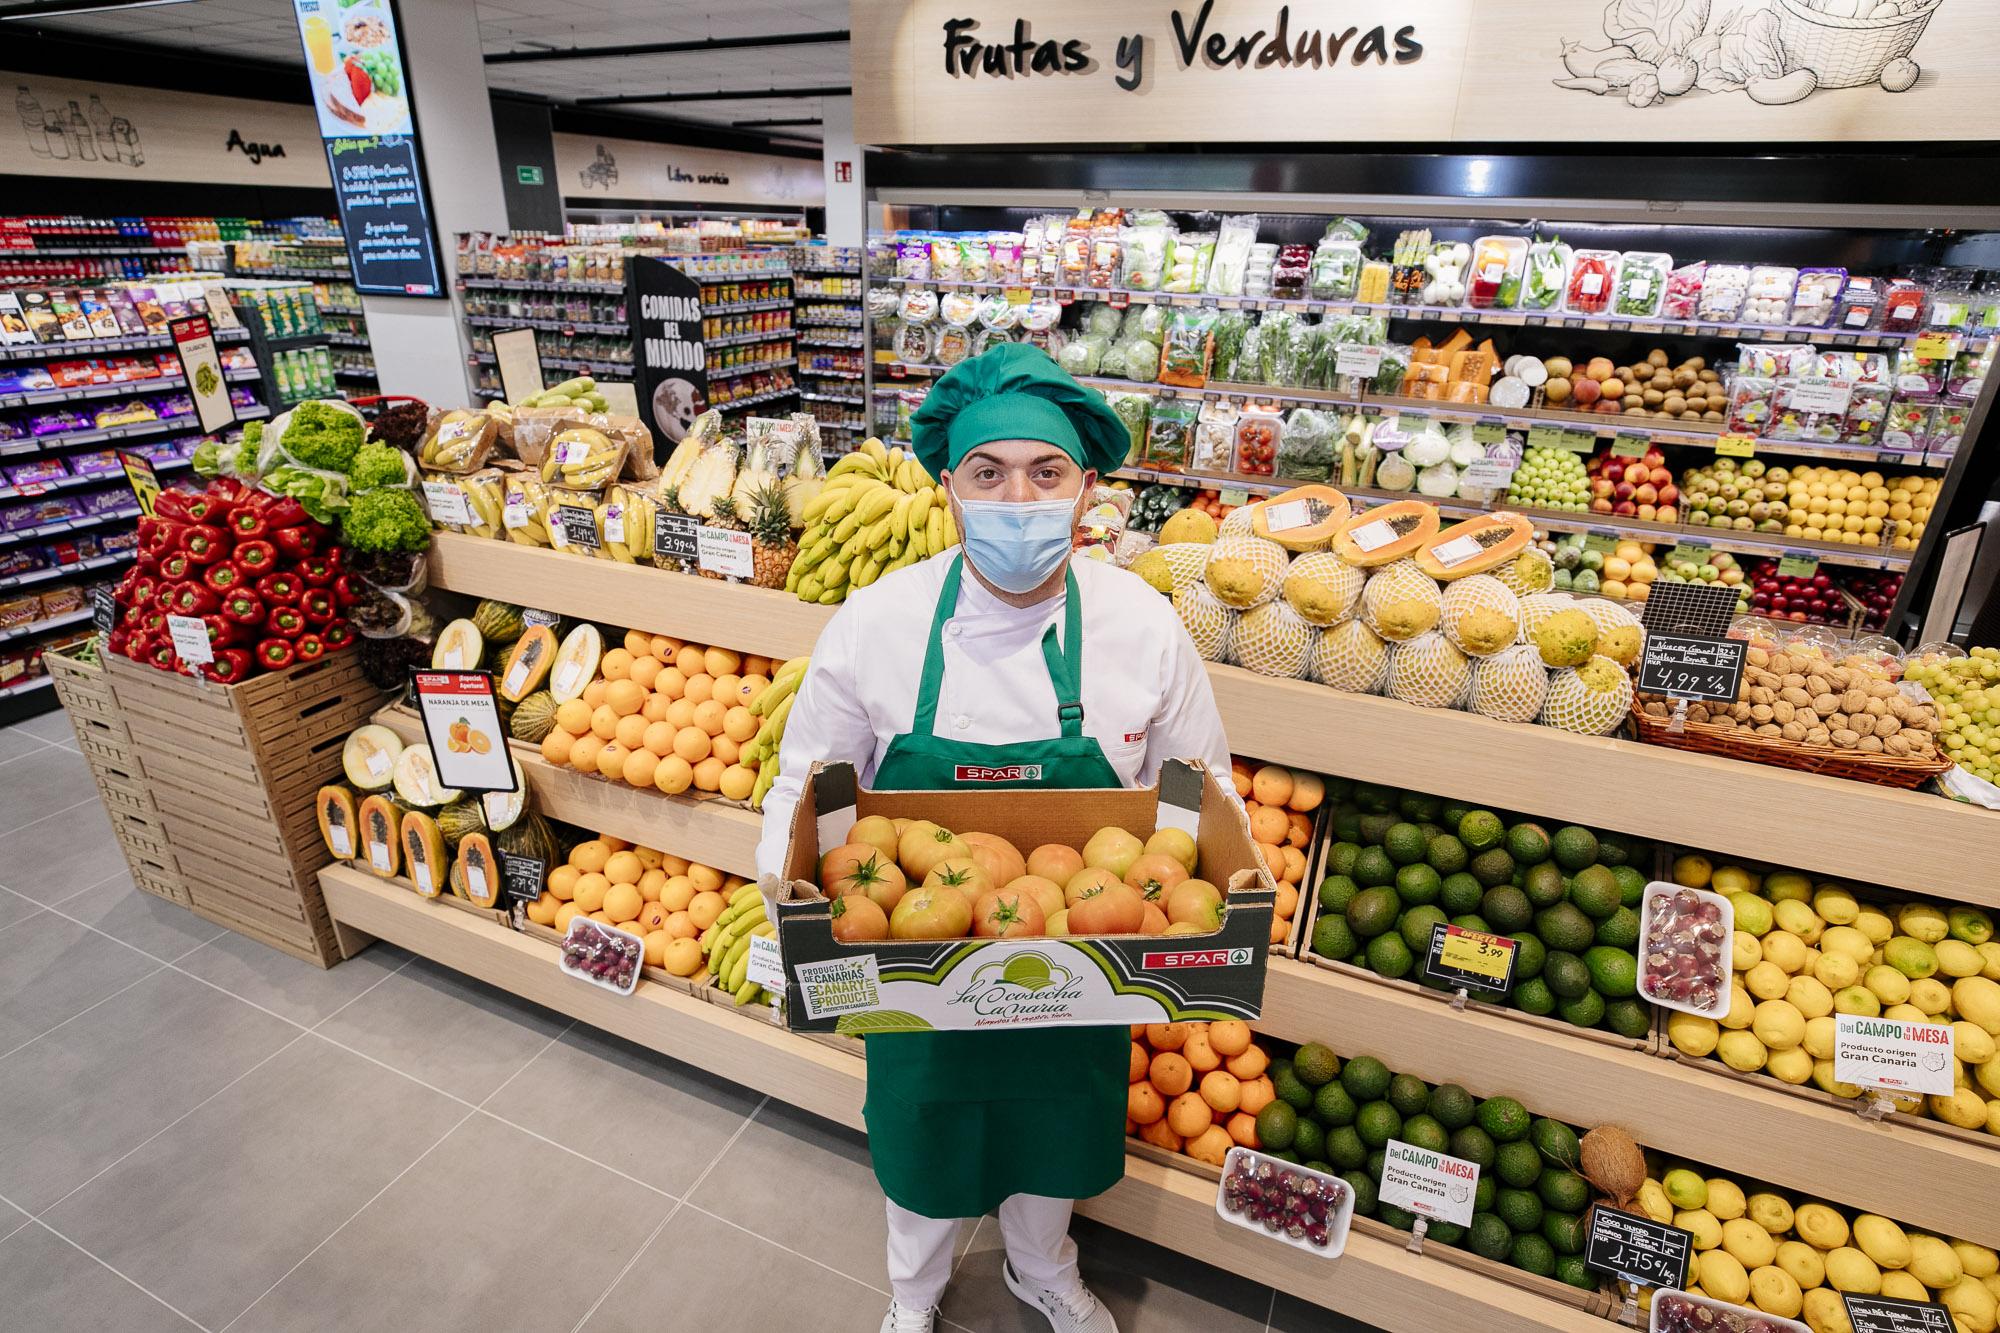 Campaña especial 'Verano frutal' en Spar Gran Canaria / CanariasNoticias.es